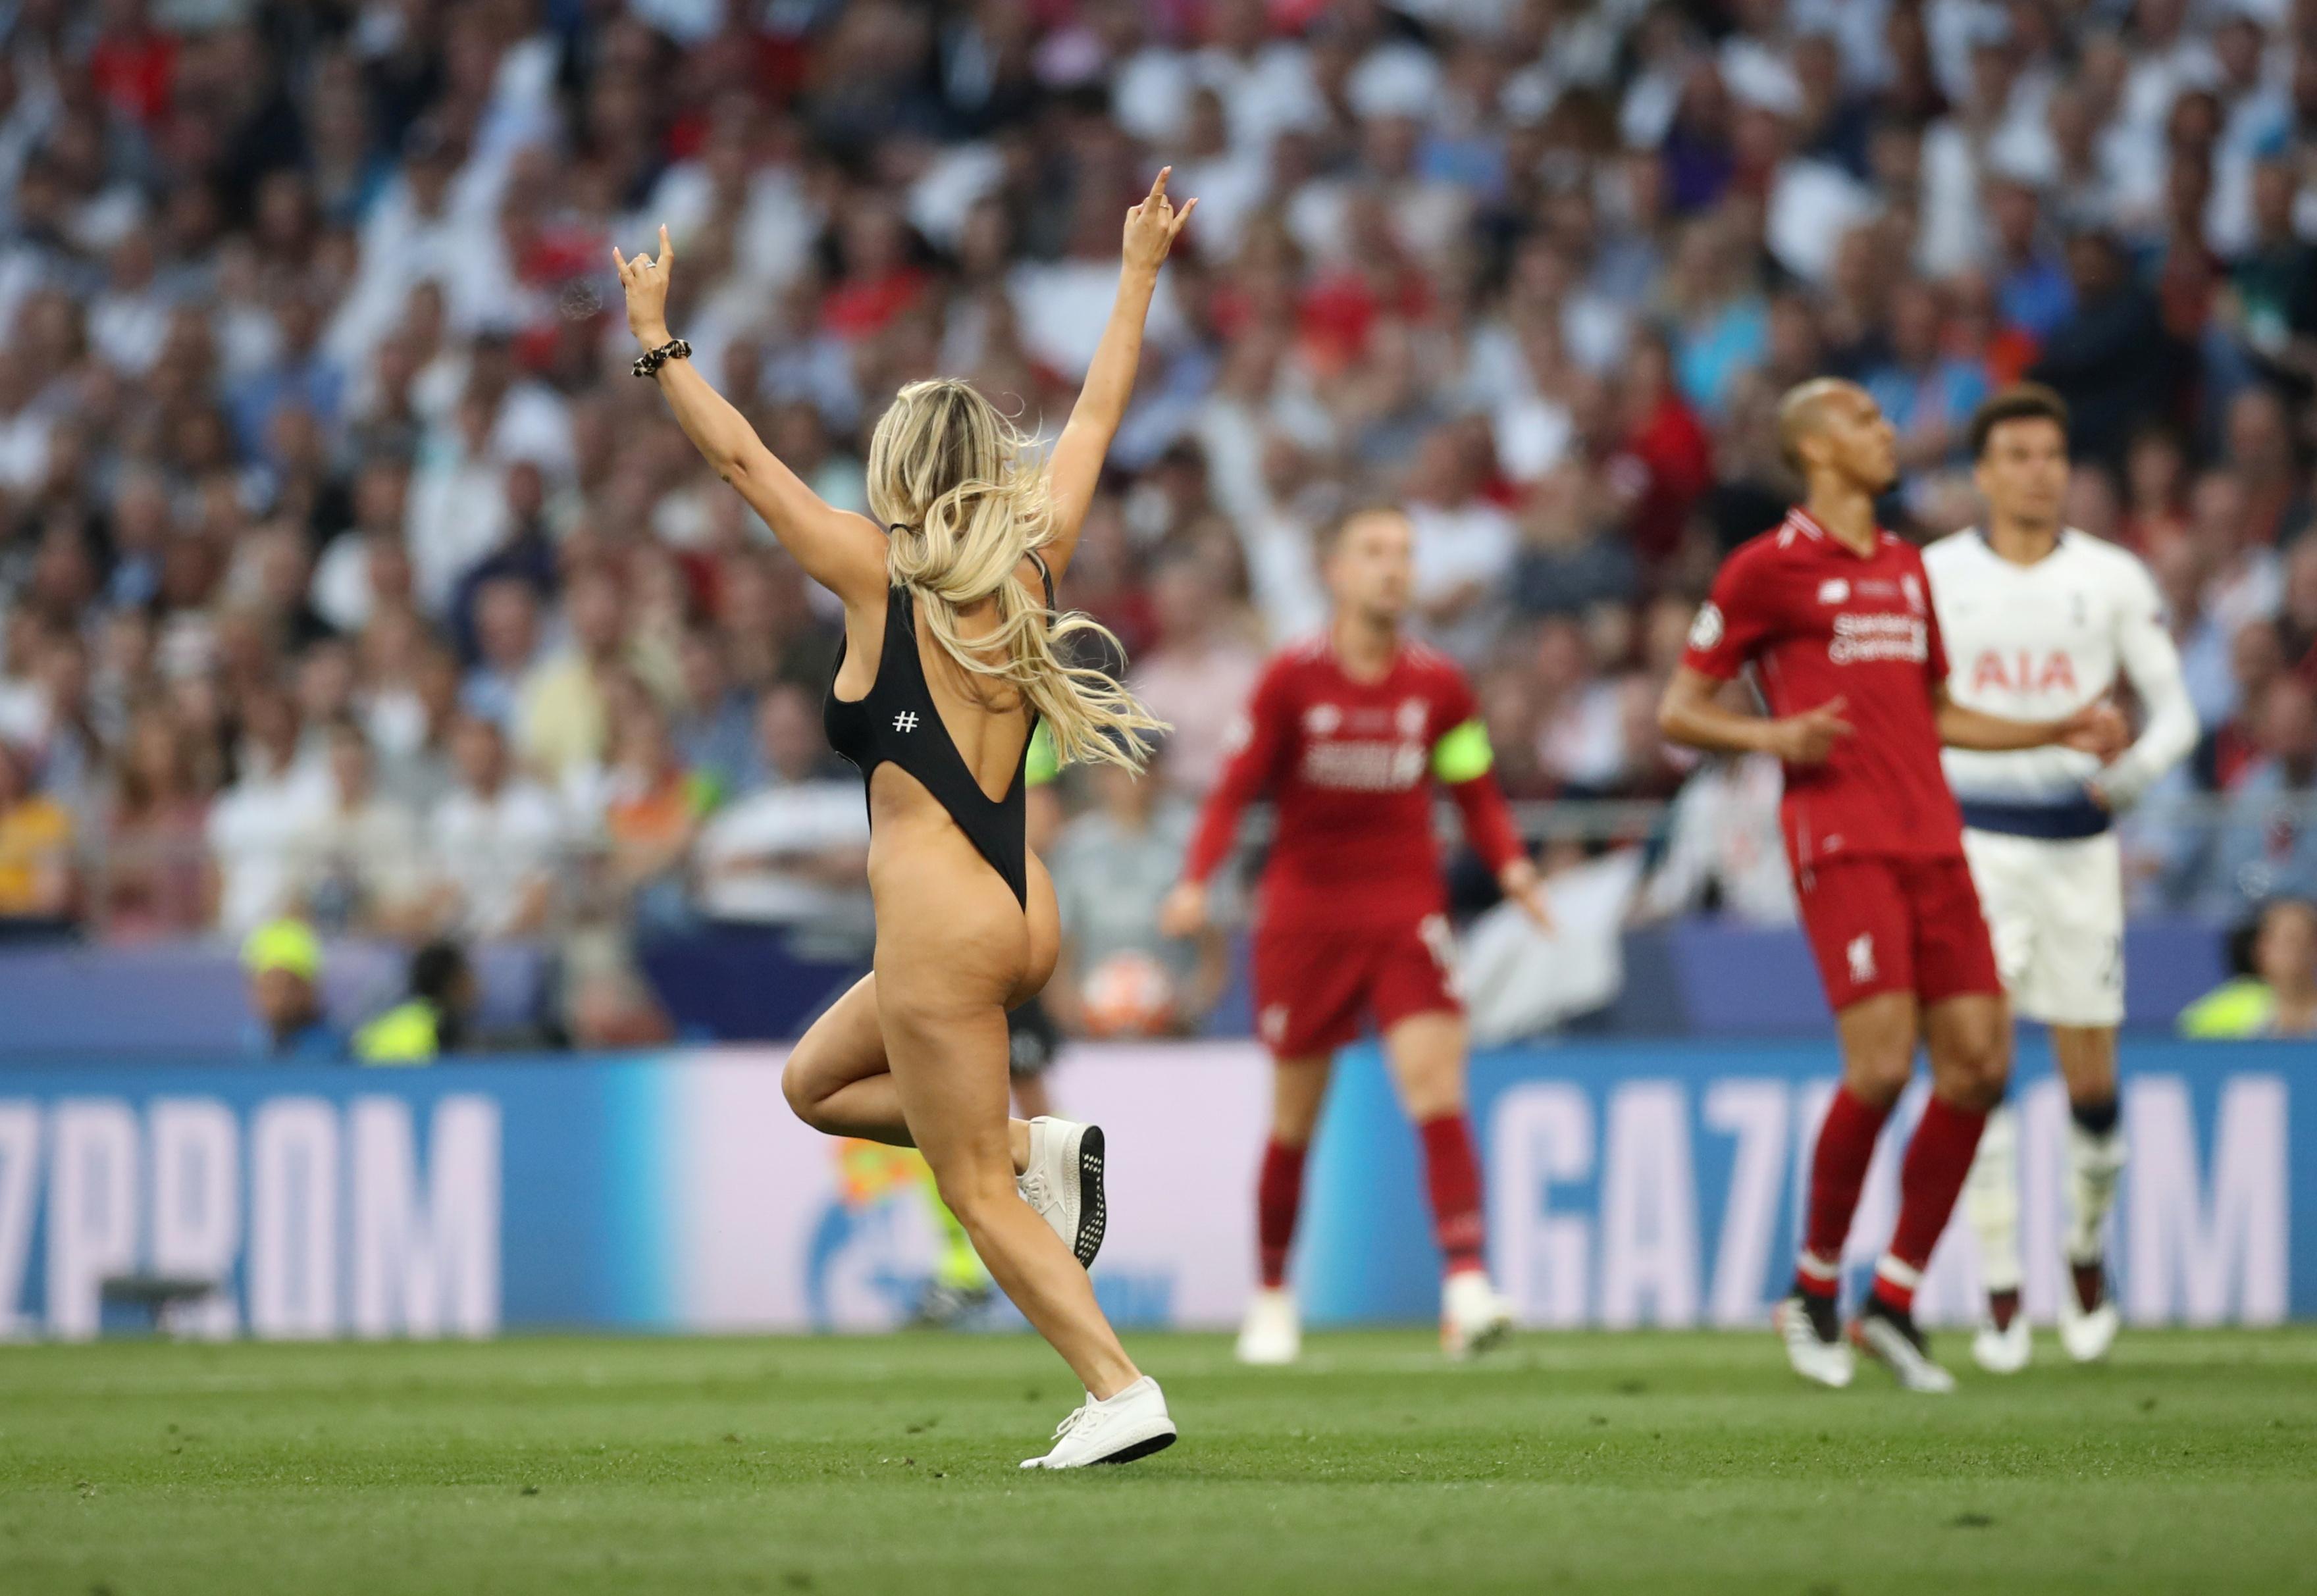 Football - Ligue des champions - Ligue des champions : quand une jolie streakeuse s'invite sur la pelouse (vidéo)